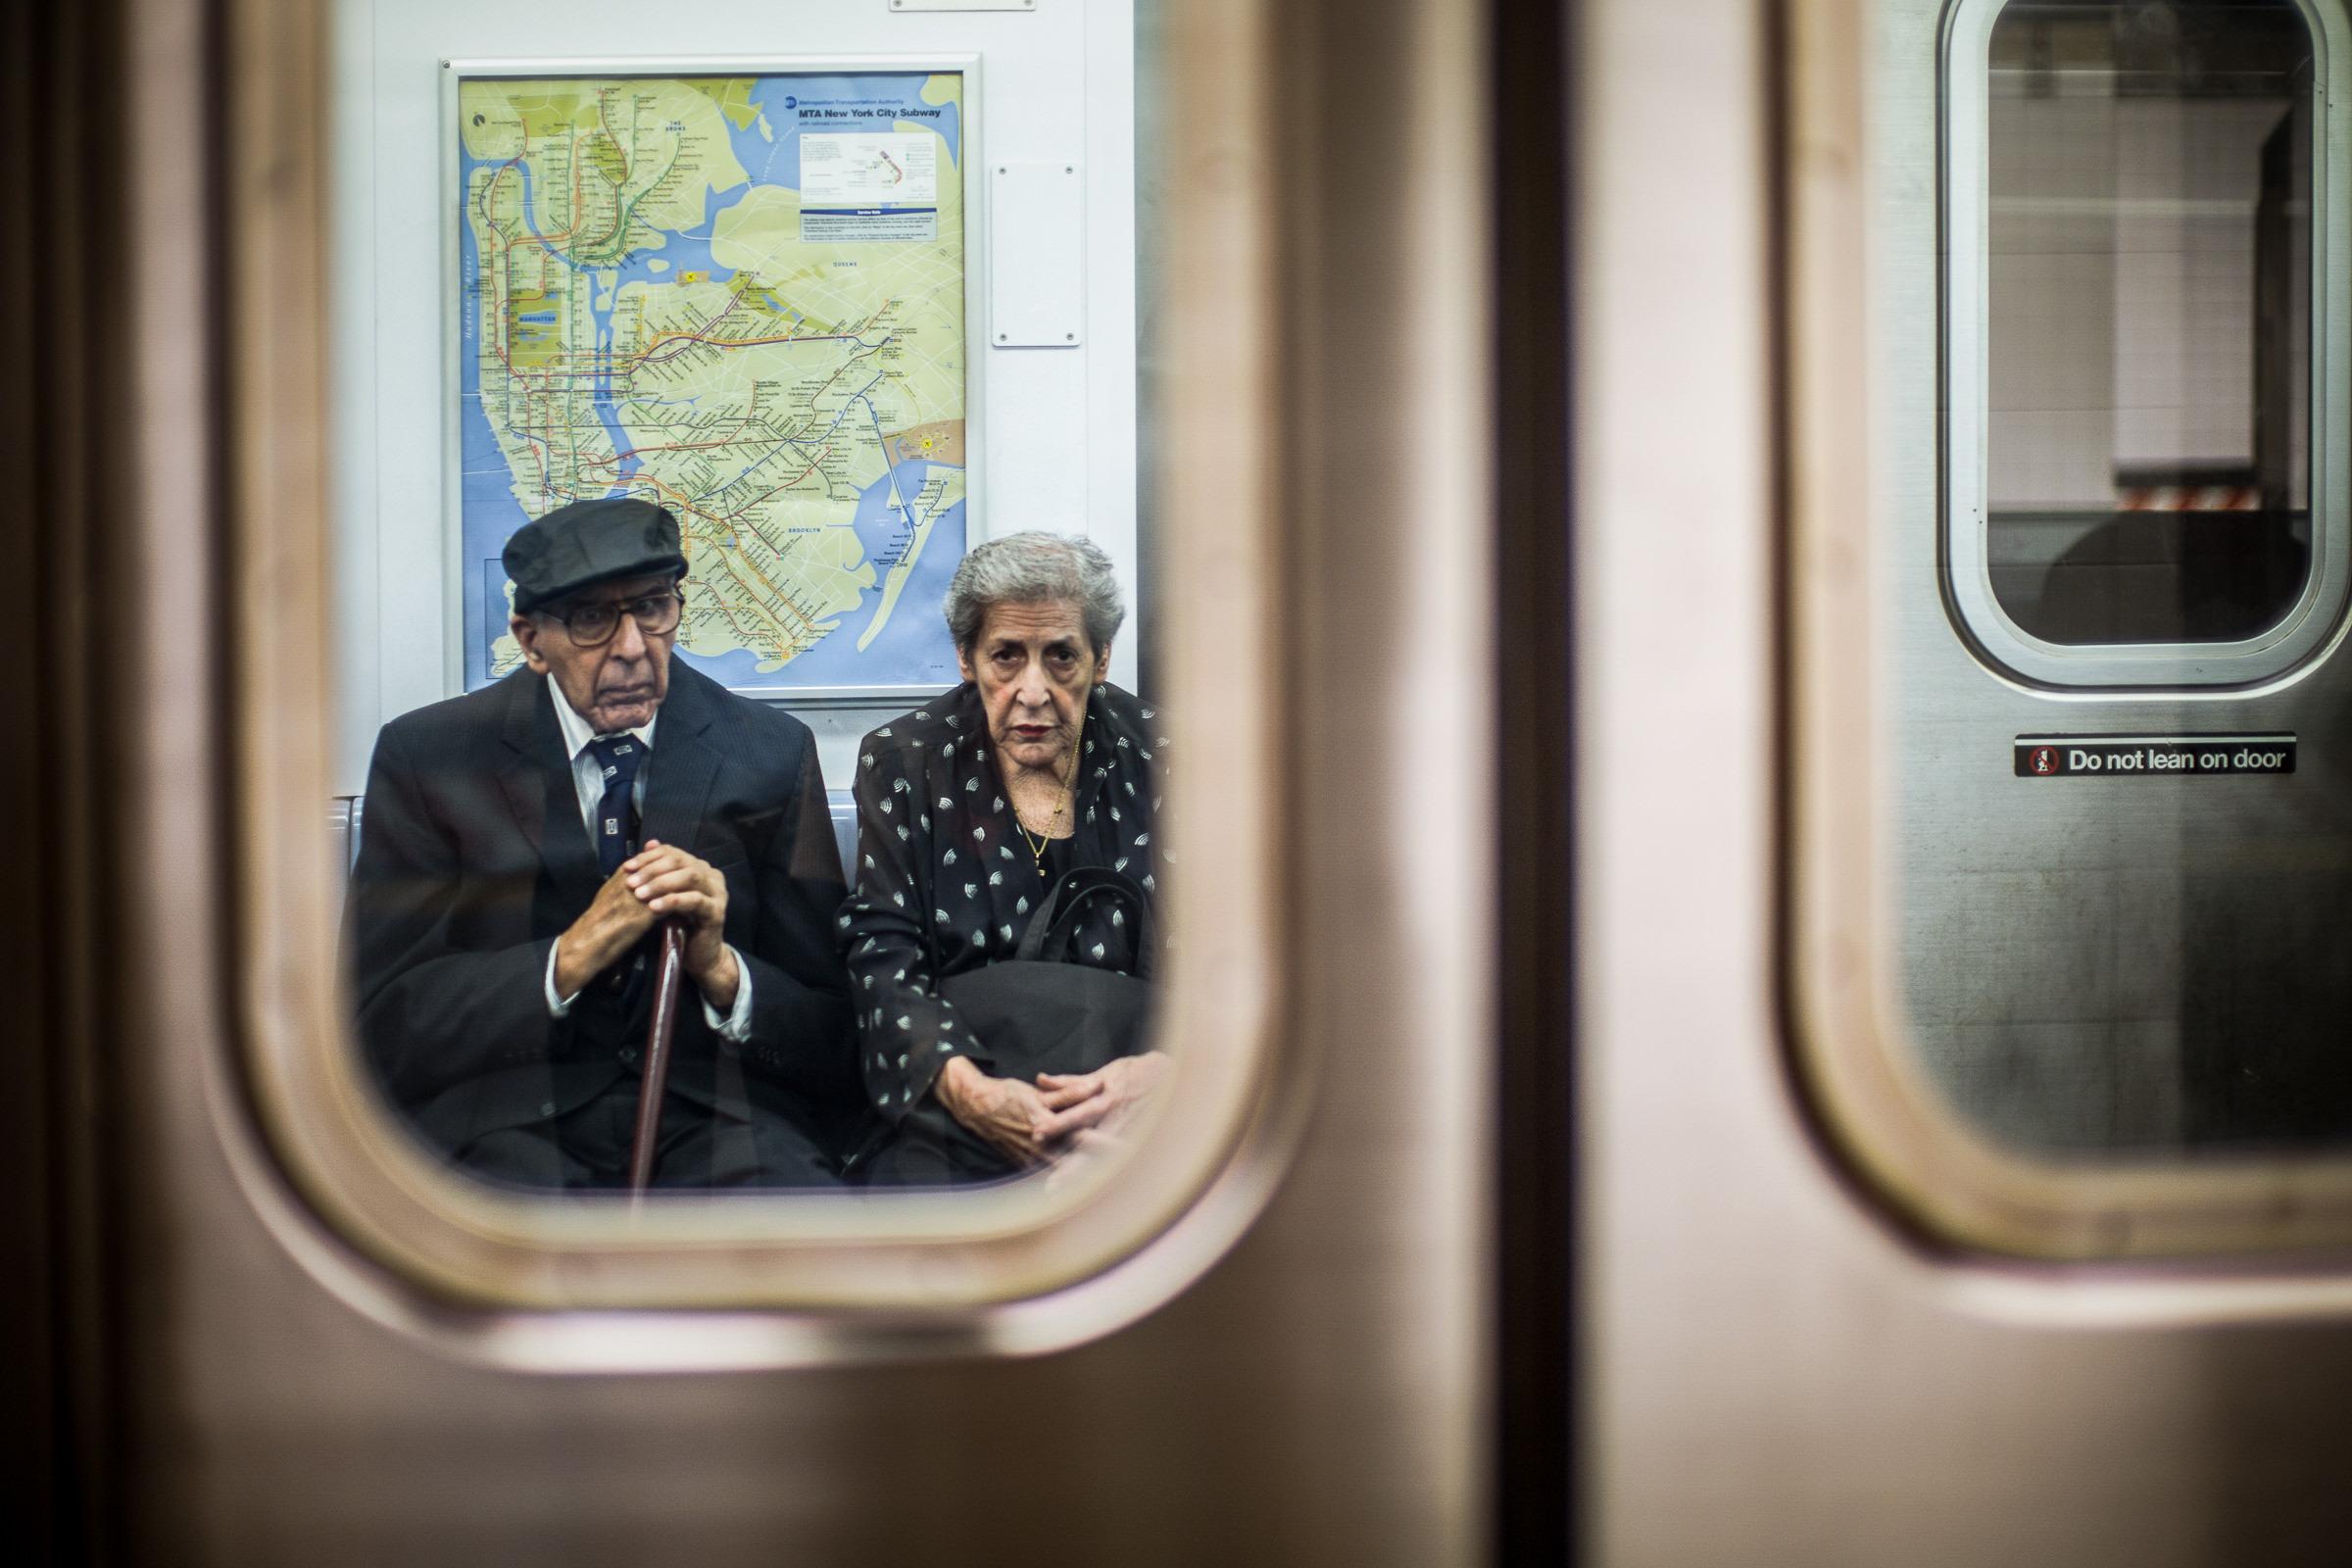 World Portfolio New York Subway Passengers By Brett Leica Photographer